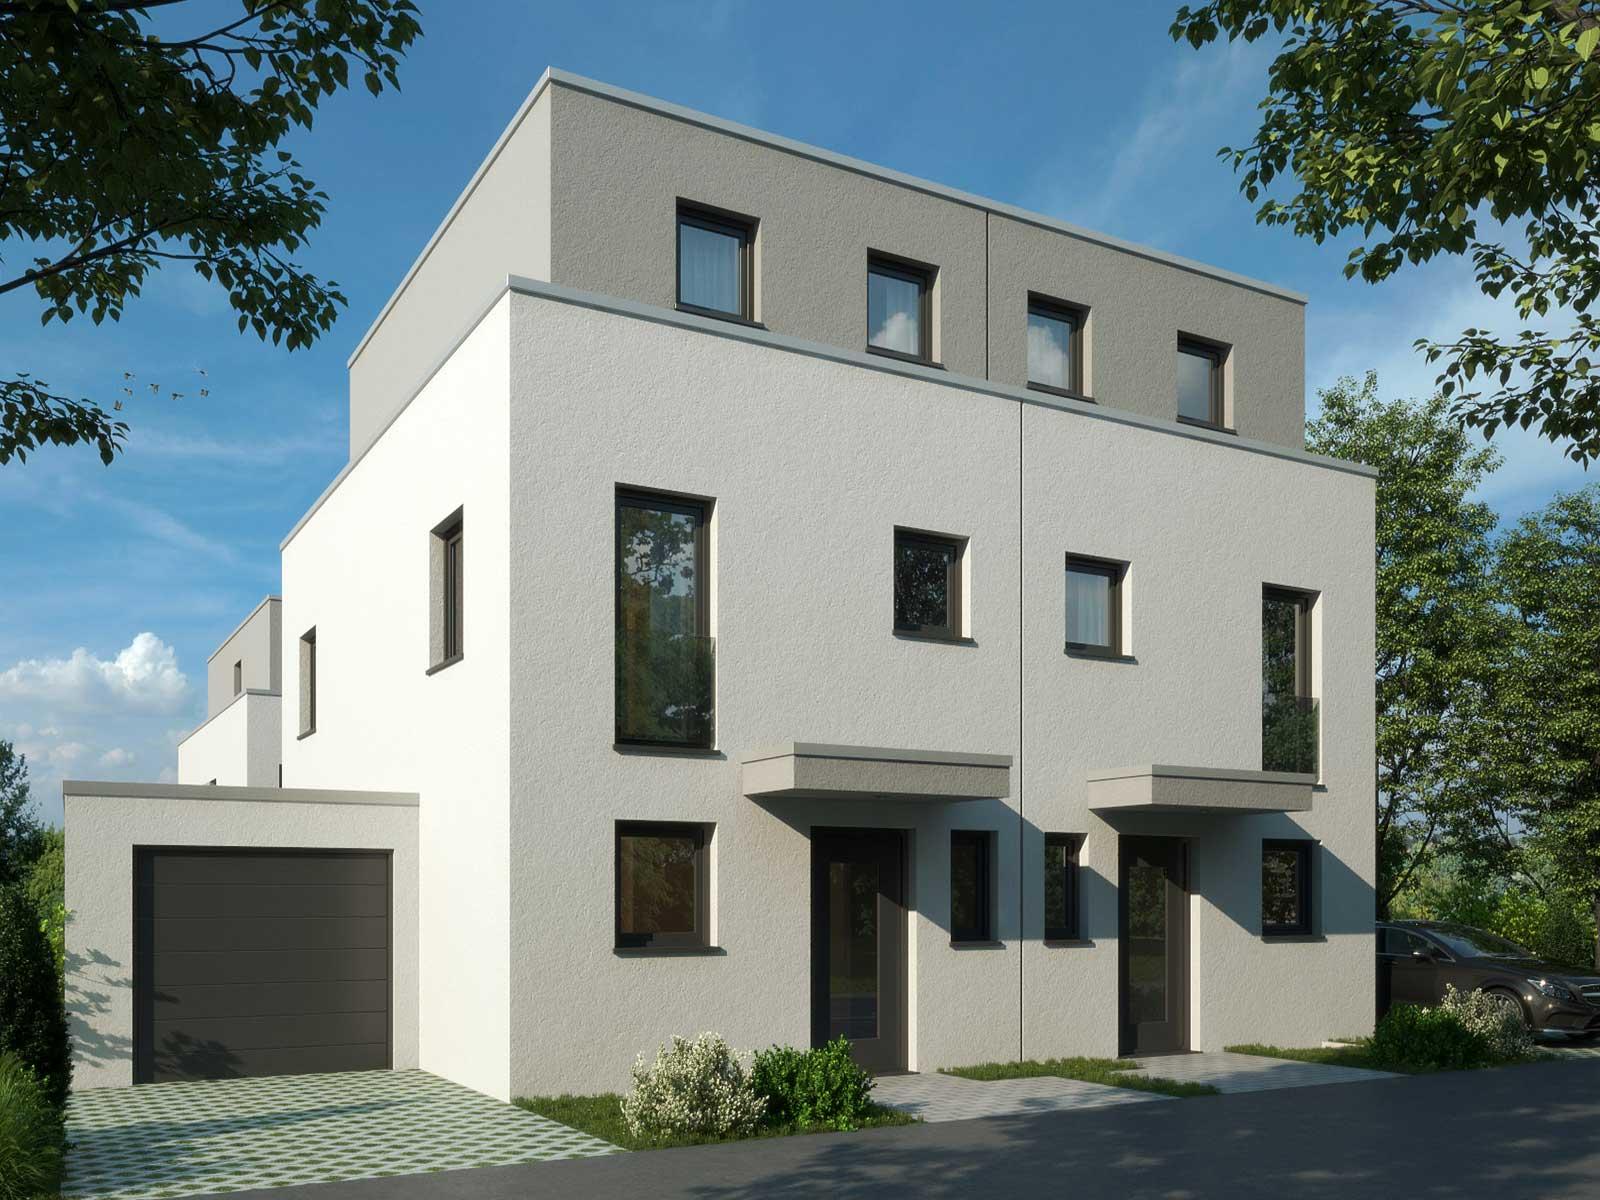 Doppelhäuser in Hattersheim